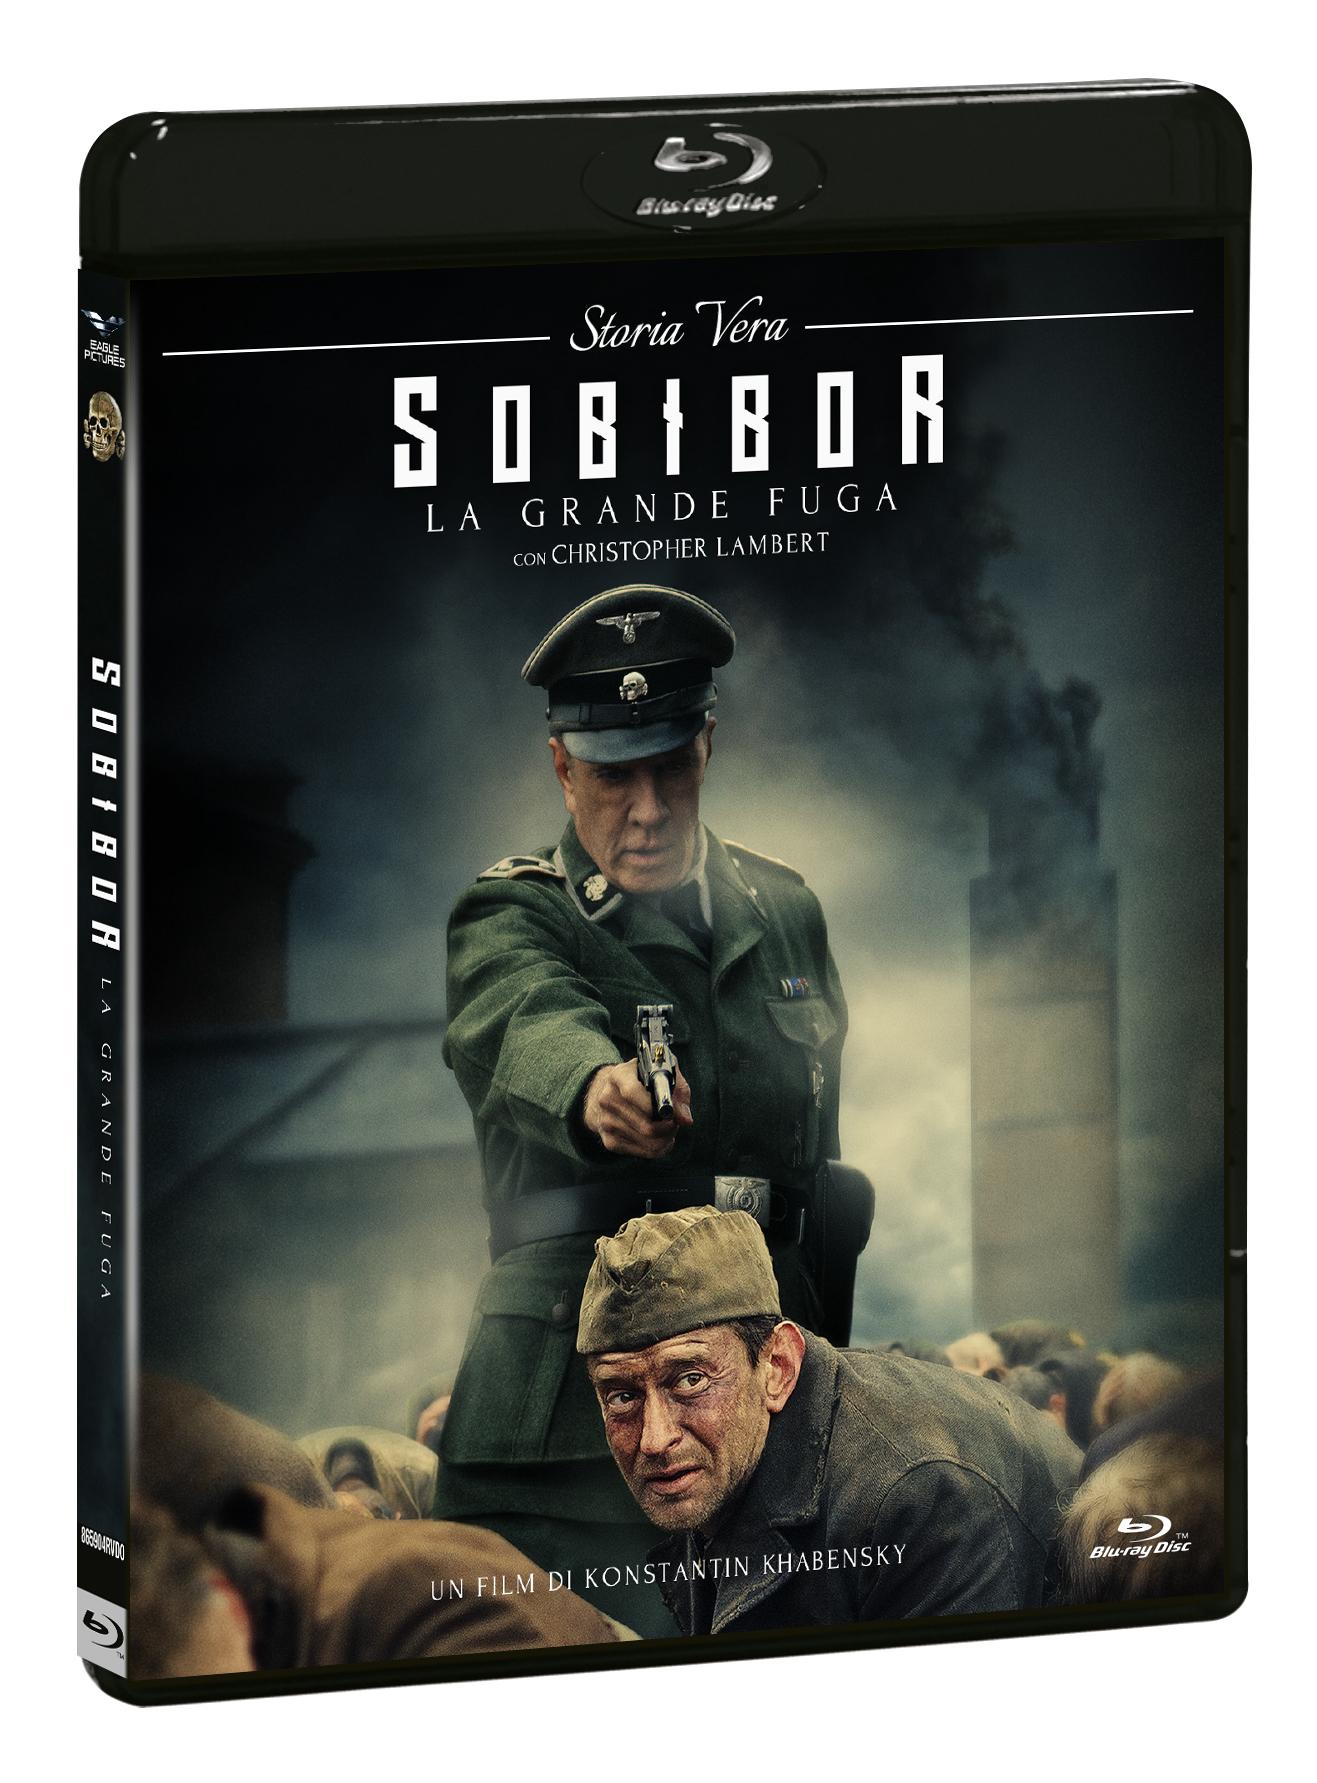 SOBIBOR - LA GRANDE FUGA (BLU-RAY+DVD)